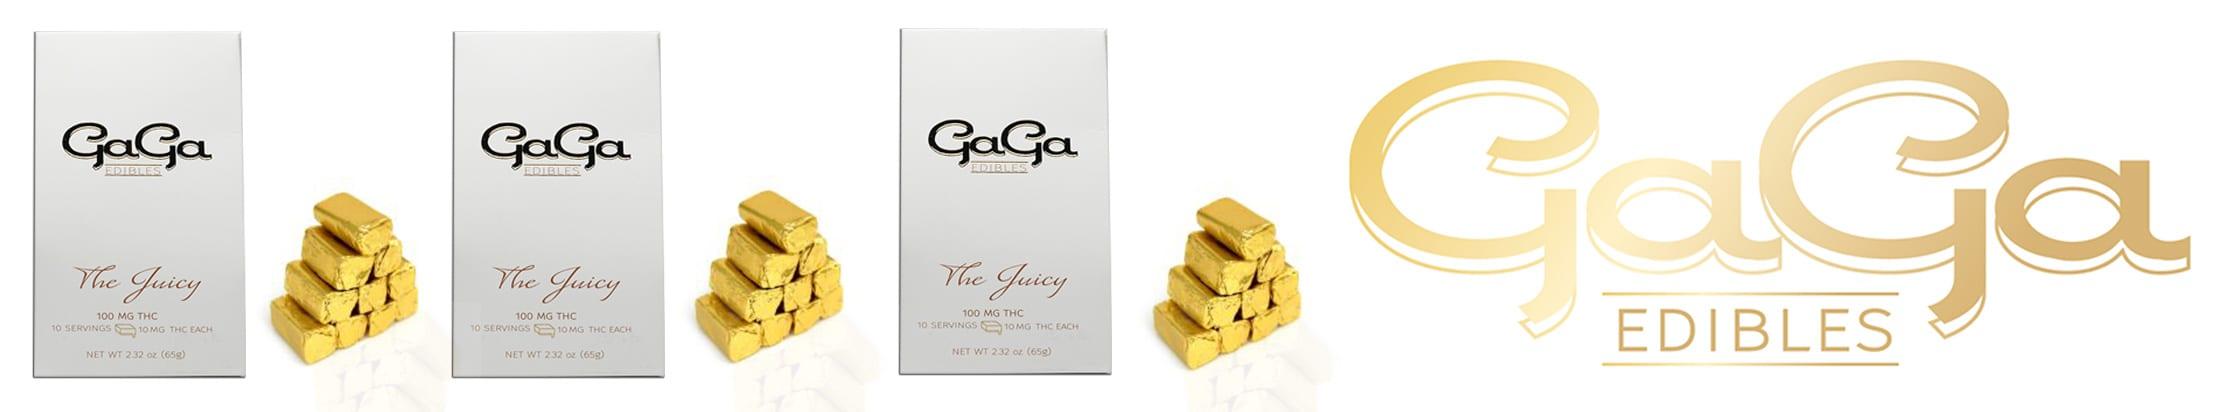 gaga-edibles-juicy